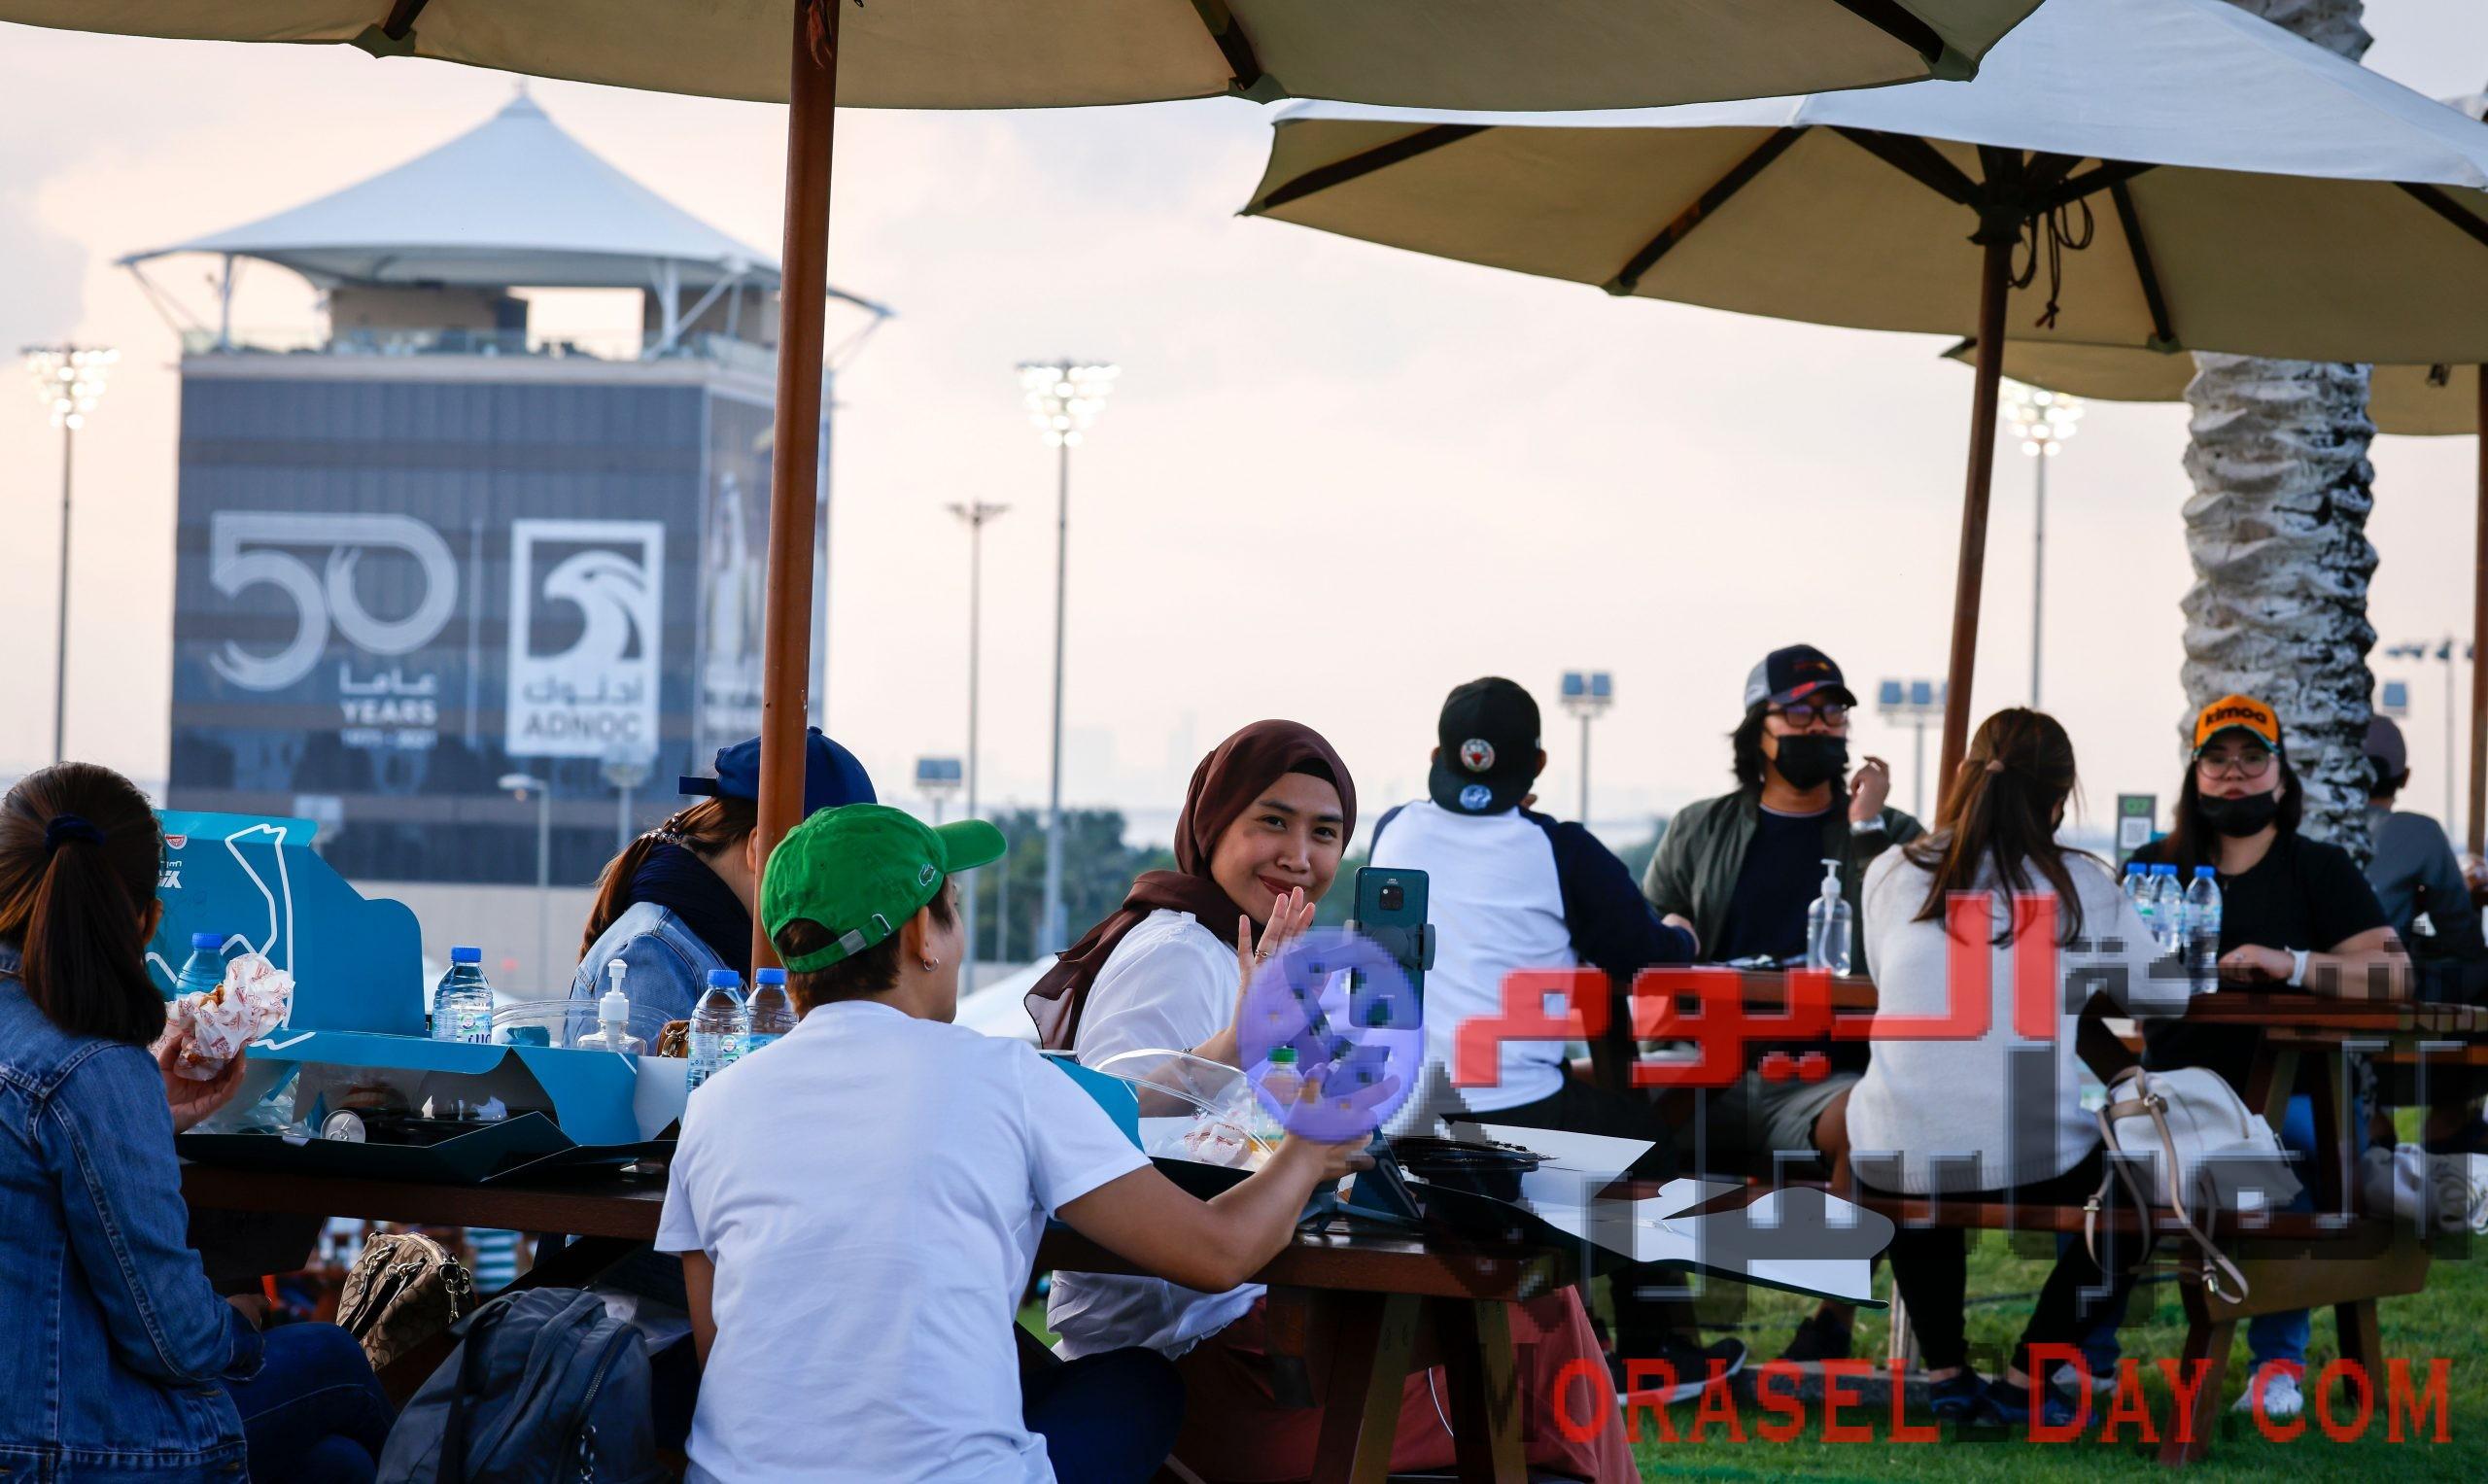 أبطال خط الدفاع الأول يستمتعون بالأجواء المميزة لسباق الجائزة الكبرى في أبوظبي يوم السبت